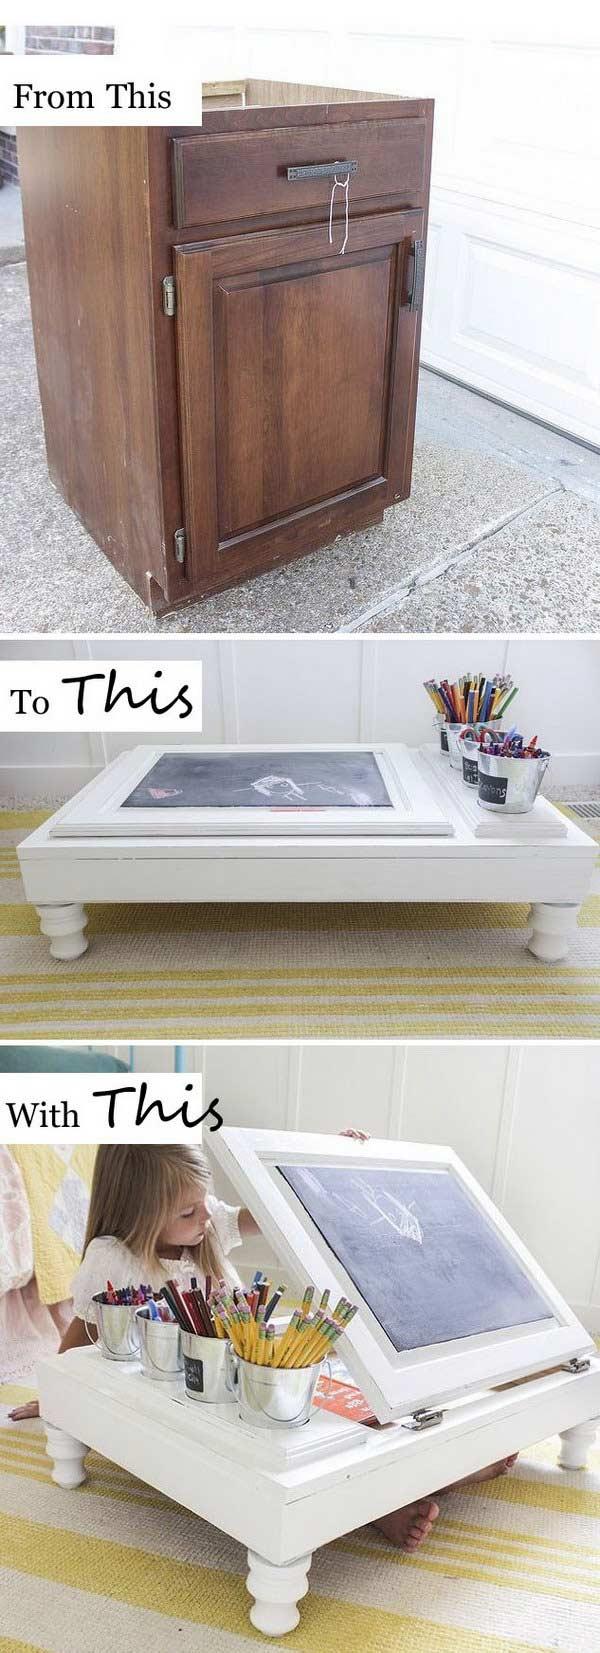 alte m bel umbauen und neu gestalten 26 coole. Black Bedroom Furniture Sets. Home Design Ideas